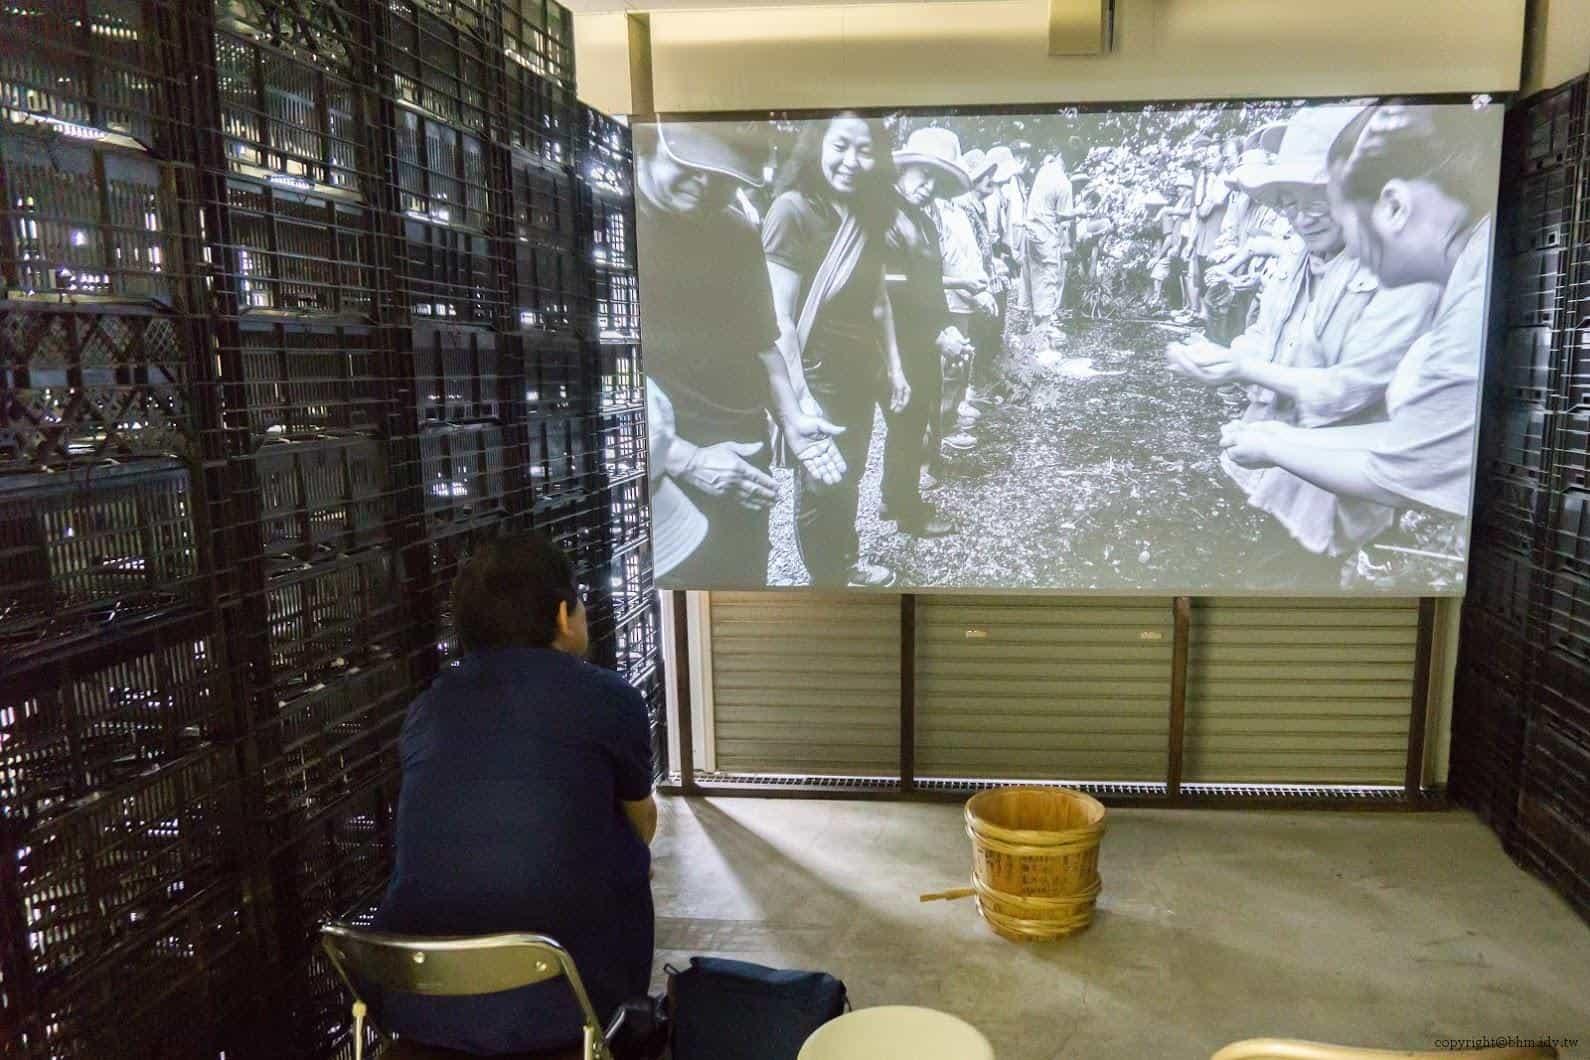 田口行弘,送水,影像作品是當地生活用水「龍窪之水」,以人們手捧接力的方式,將水注入桶子裡的模樣 越後妻有 送水 okurimizu 01